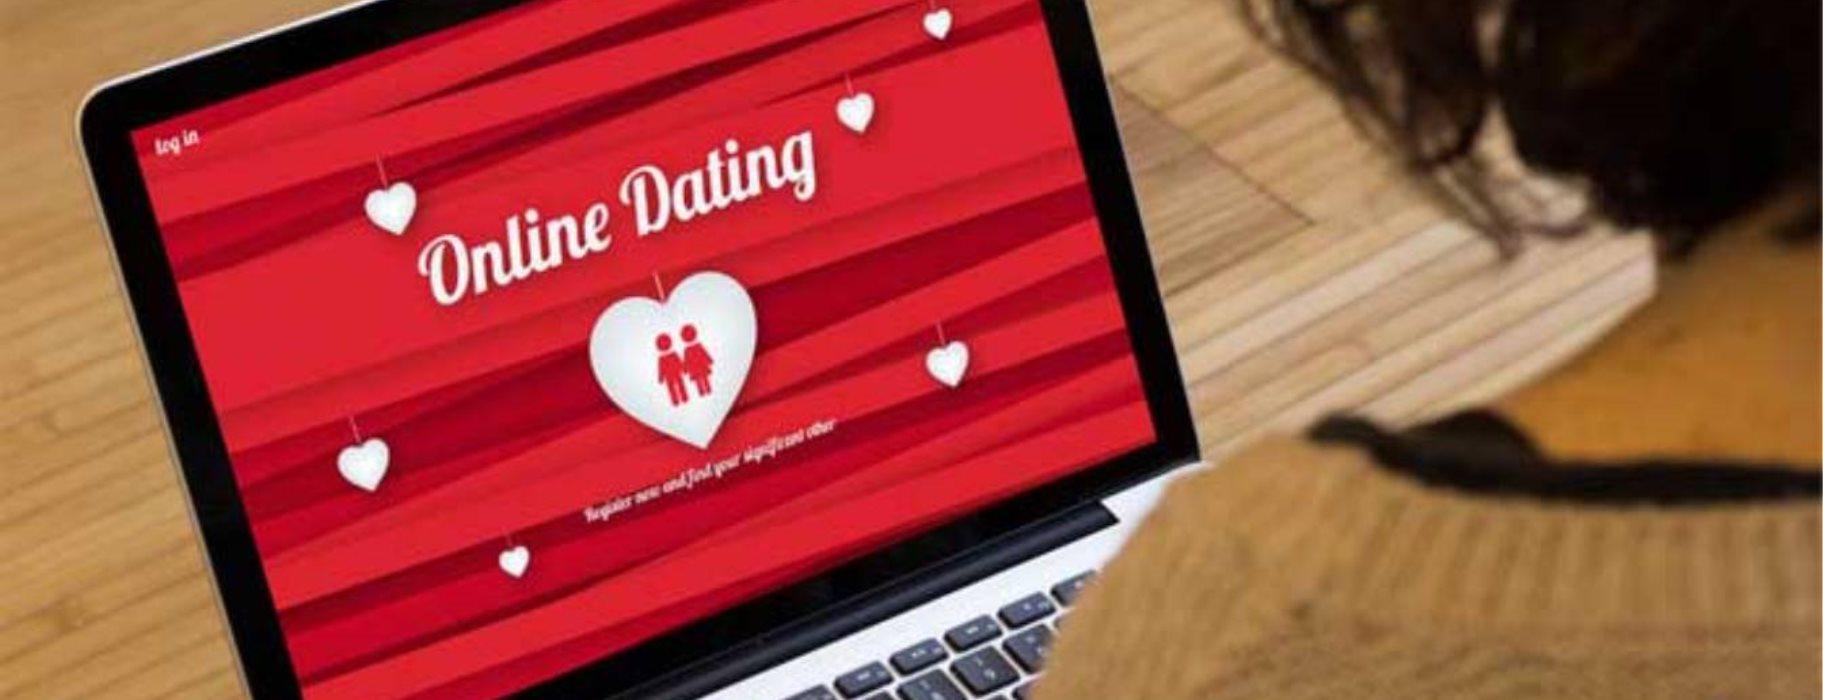 σύζυγος για dating ιστοσελίδες Αποστολικό χριστιανικό ραντεβού